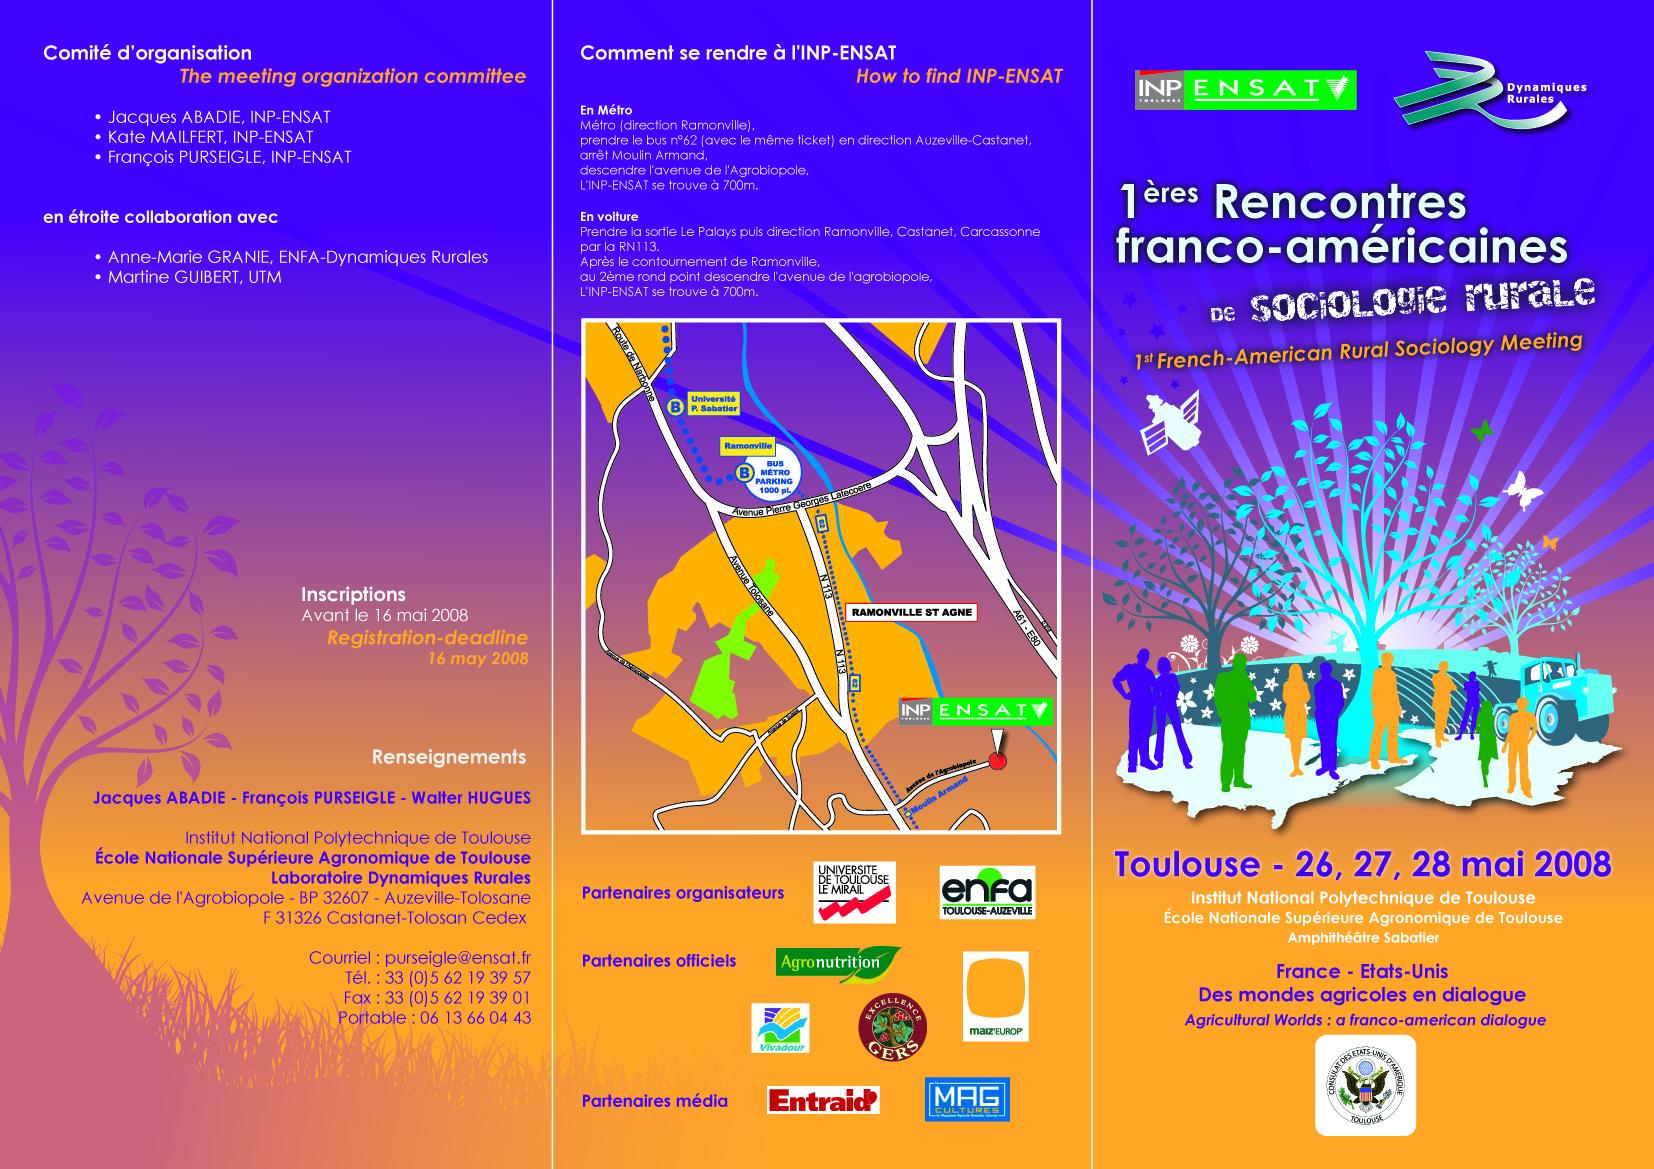 Programme rencontres franco-américaines de sociologie rurale Extérieur